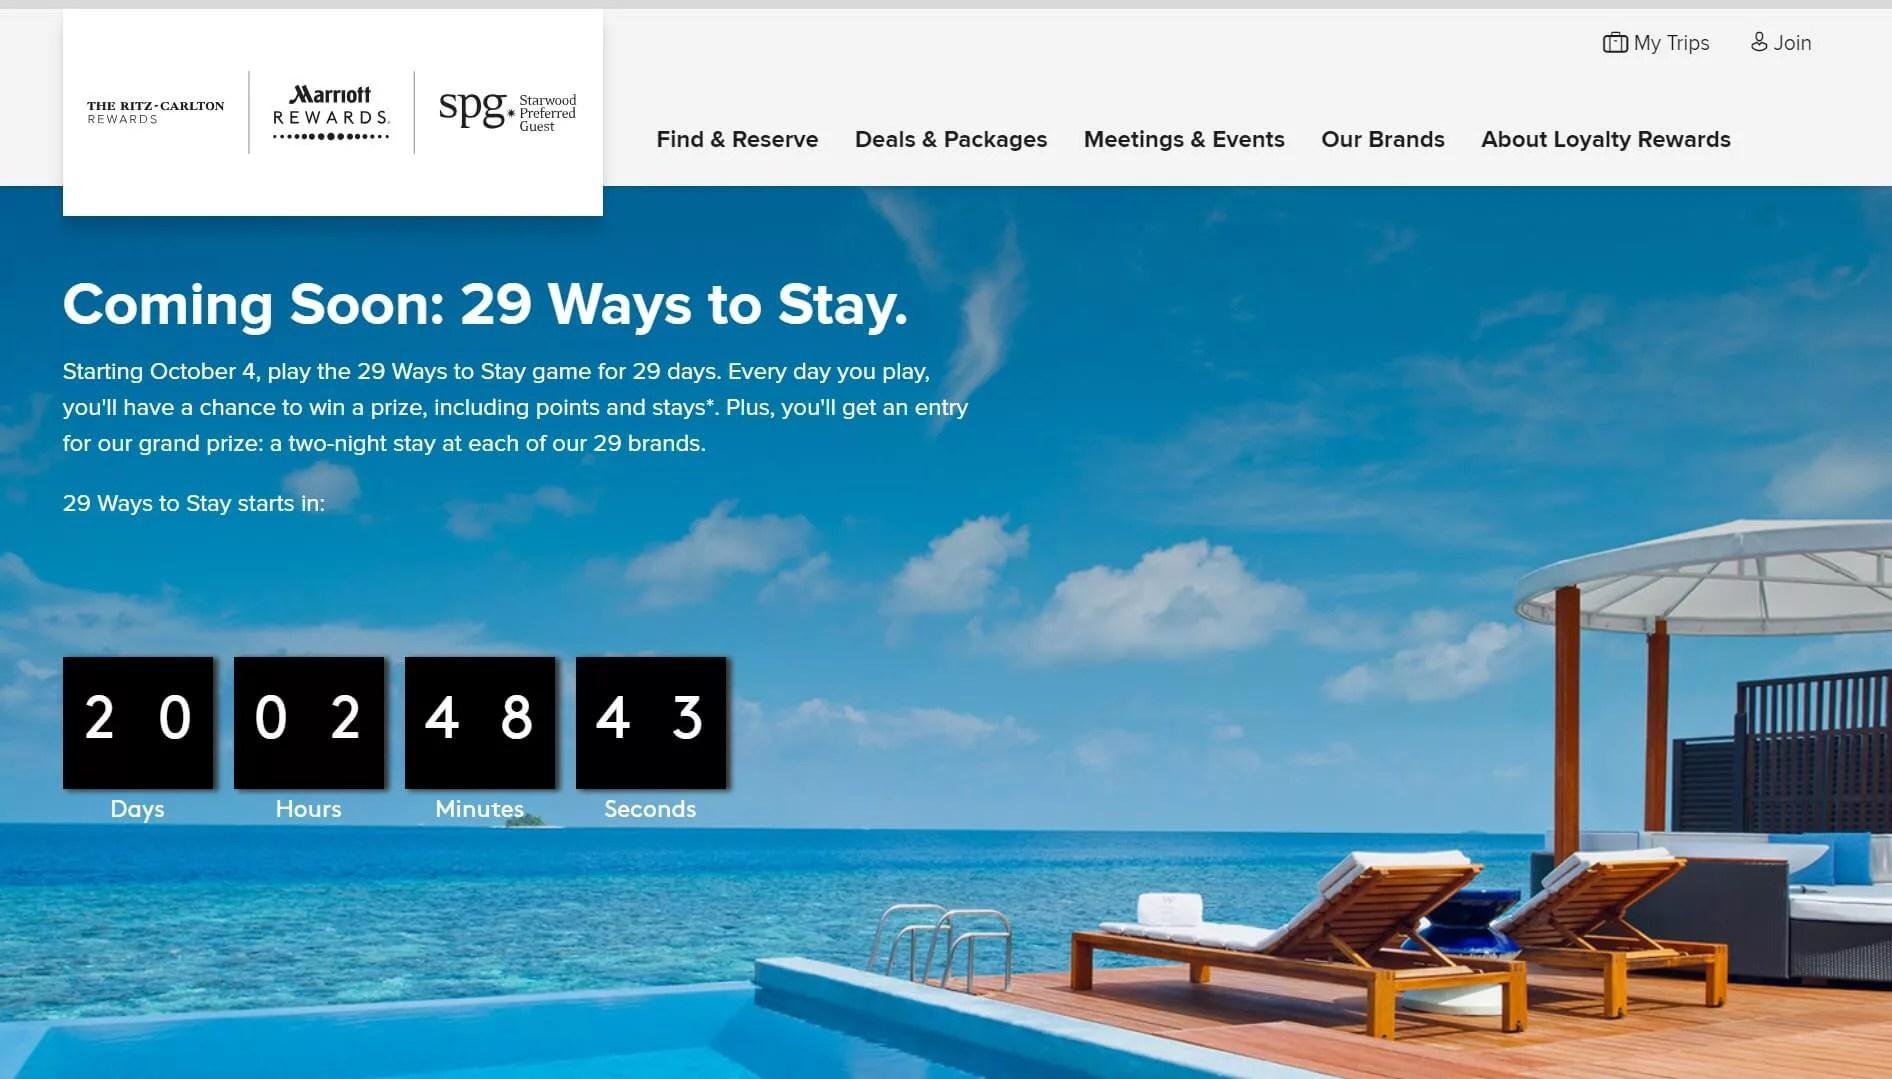 マリオット・SPG新キャンペーン「29 Ways to Stay」で毎日コツコツポイントが稼げるかも?